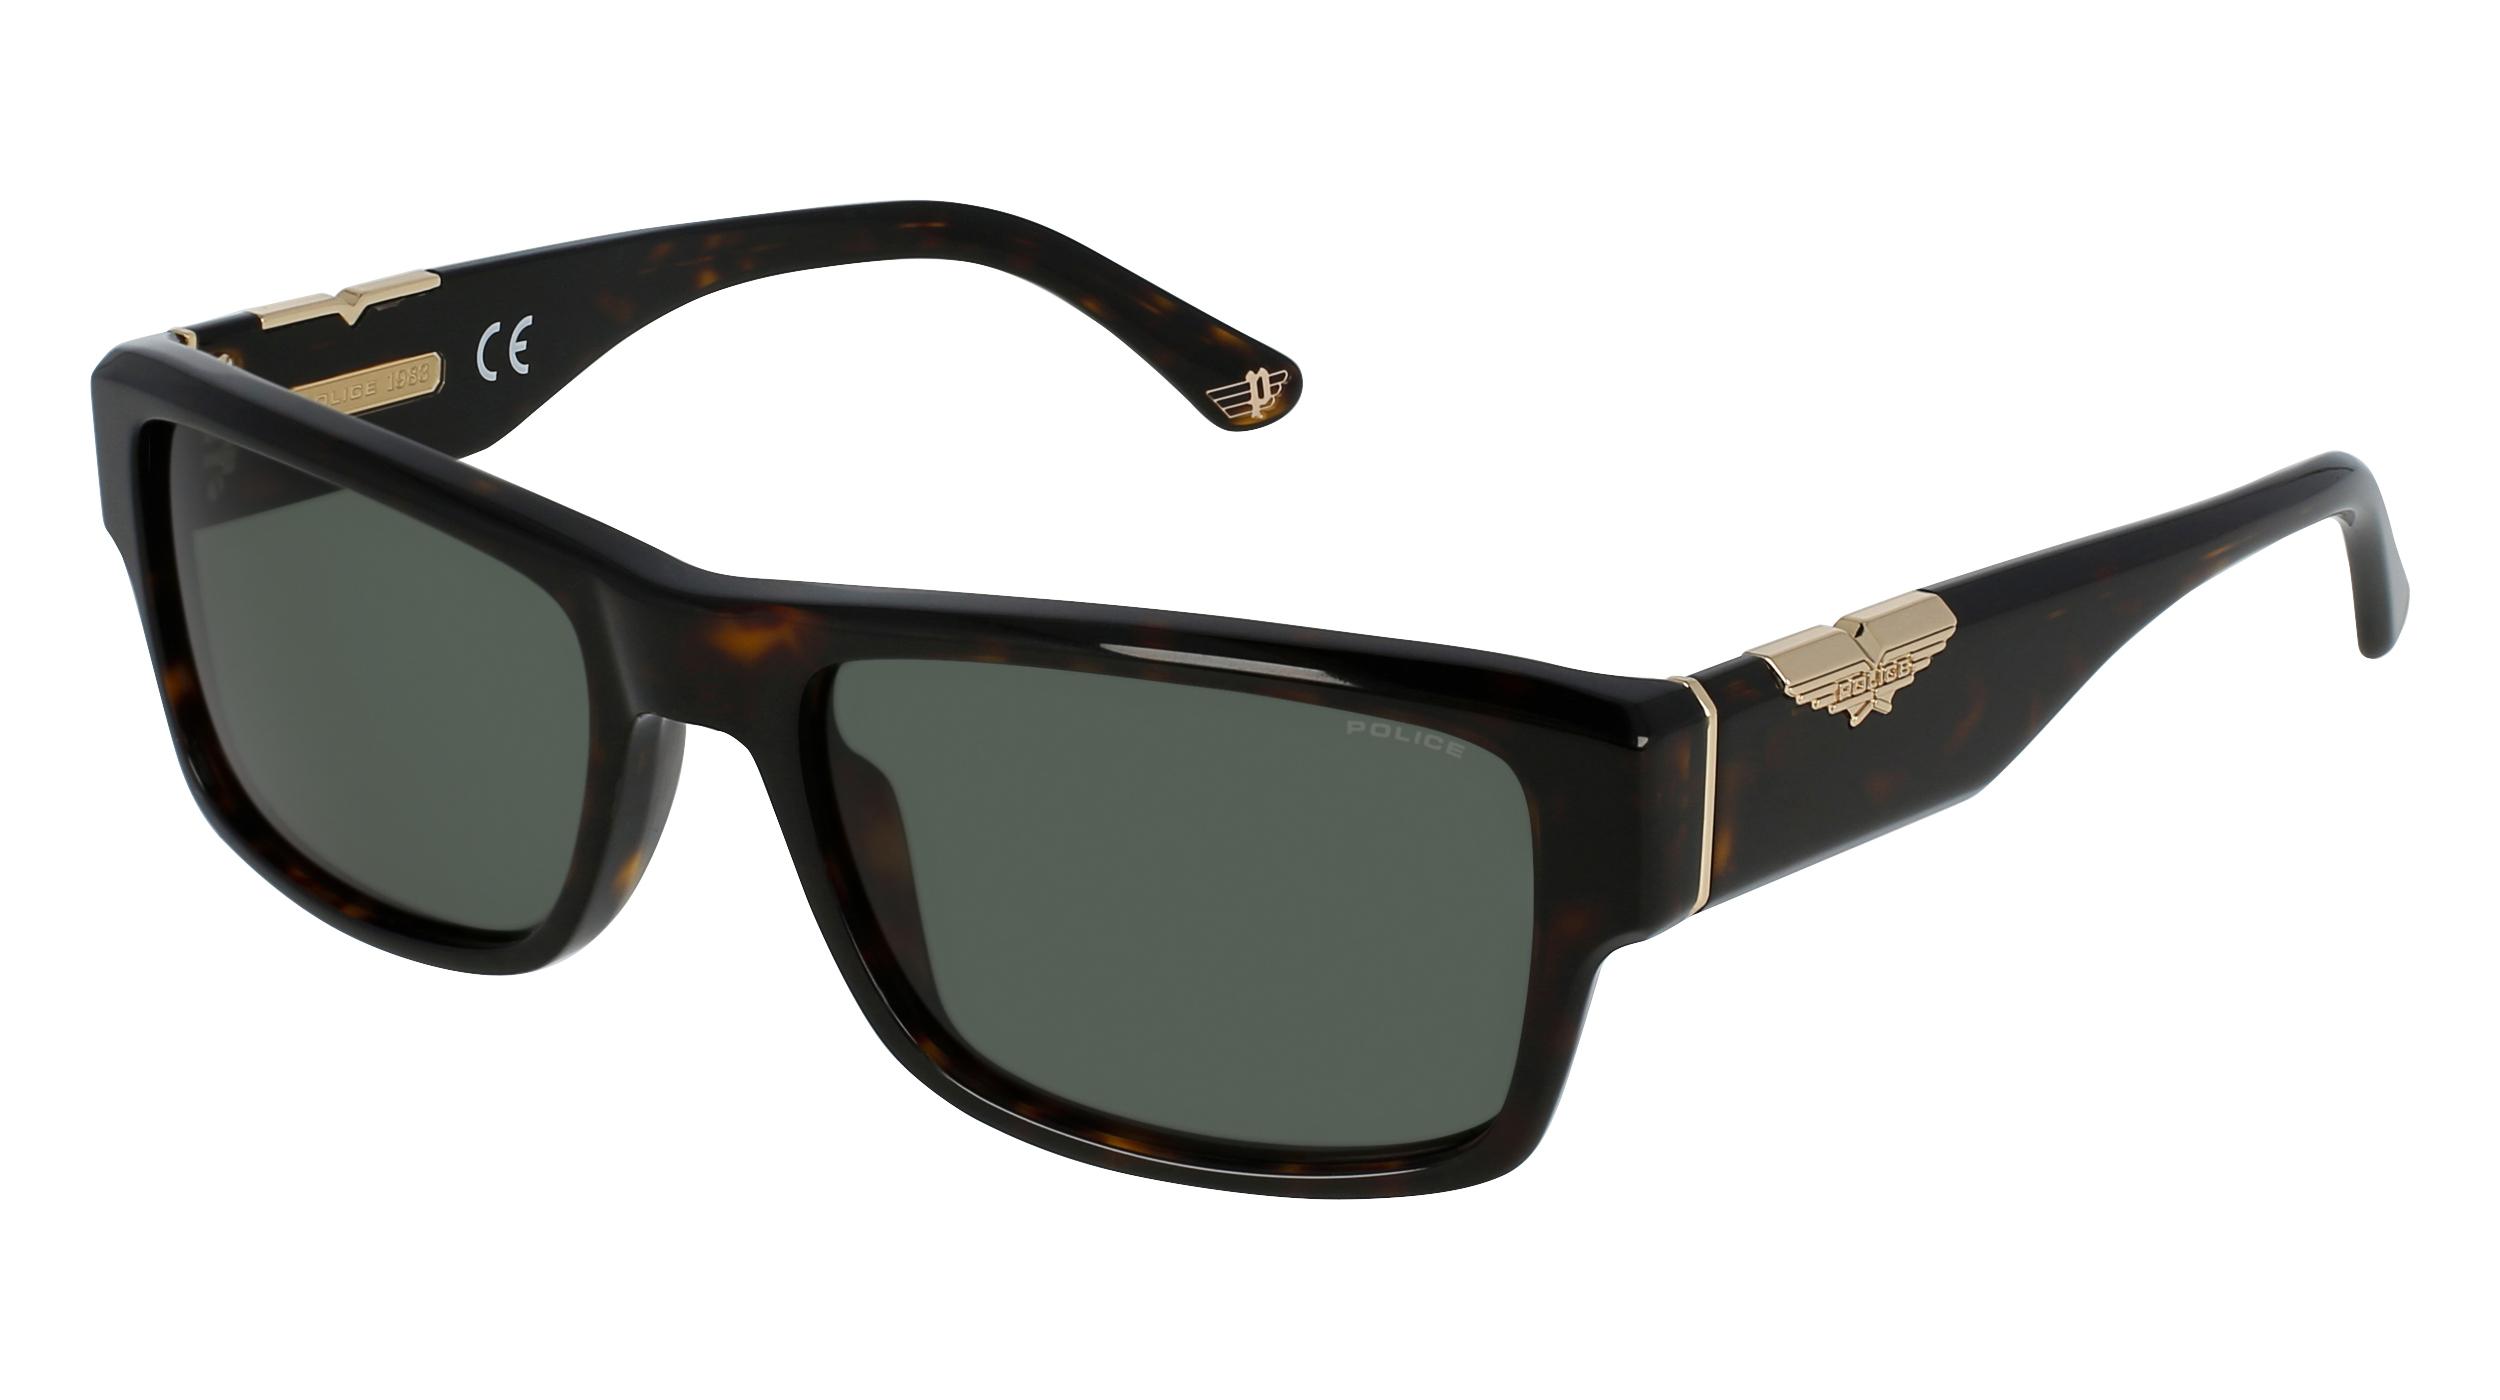 POLICE SPL 967 0722  Gafas de sol Mujer,Hombre